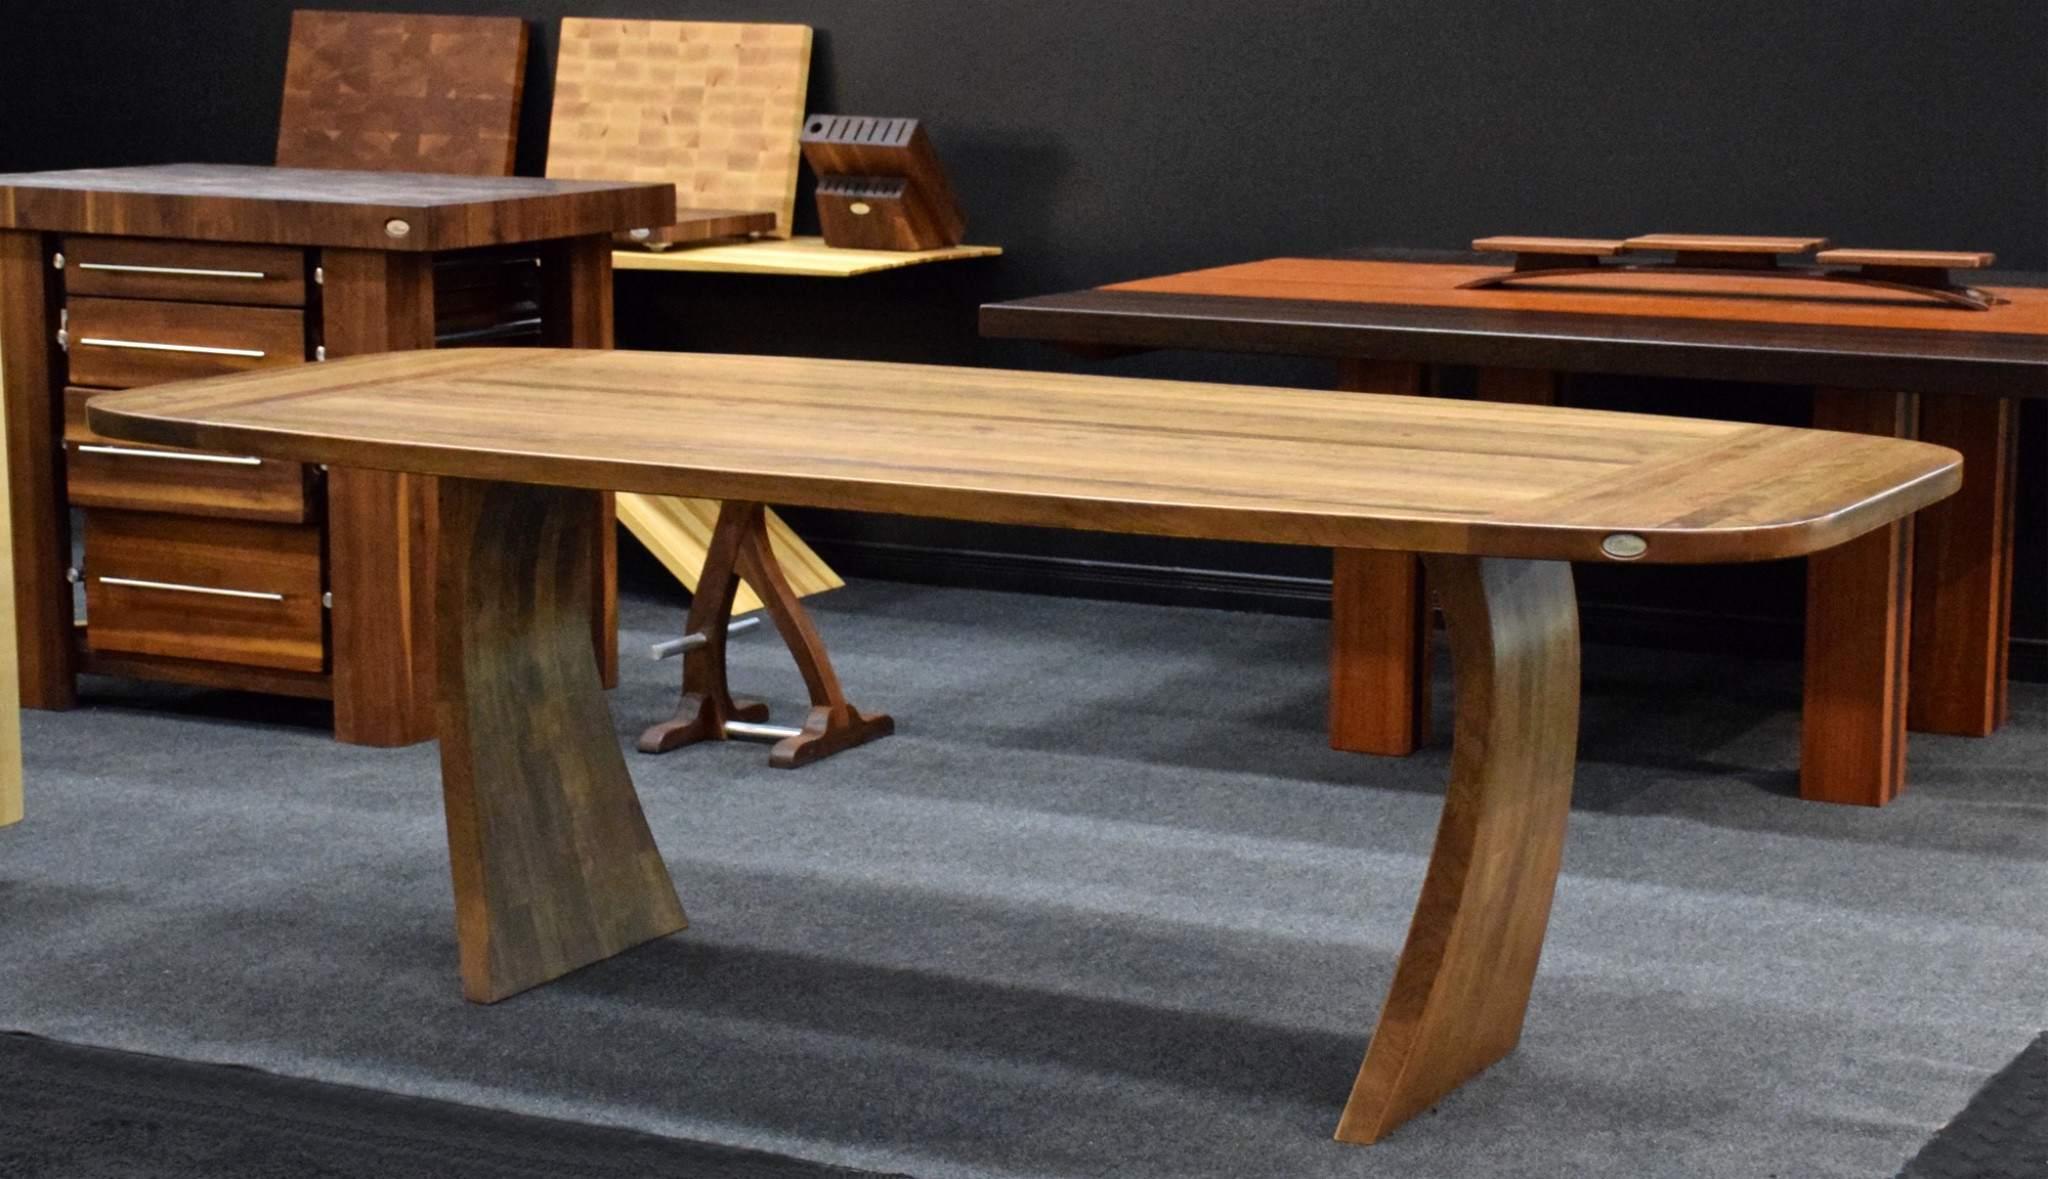 table de cuisine en bois et carrelage  atwebsterfr